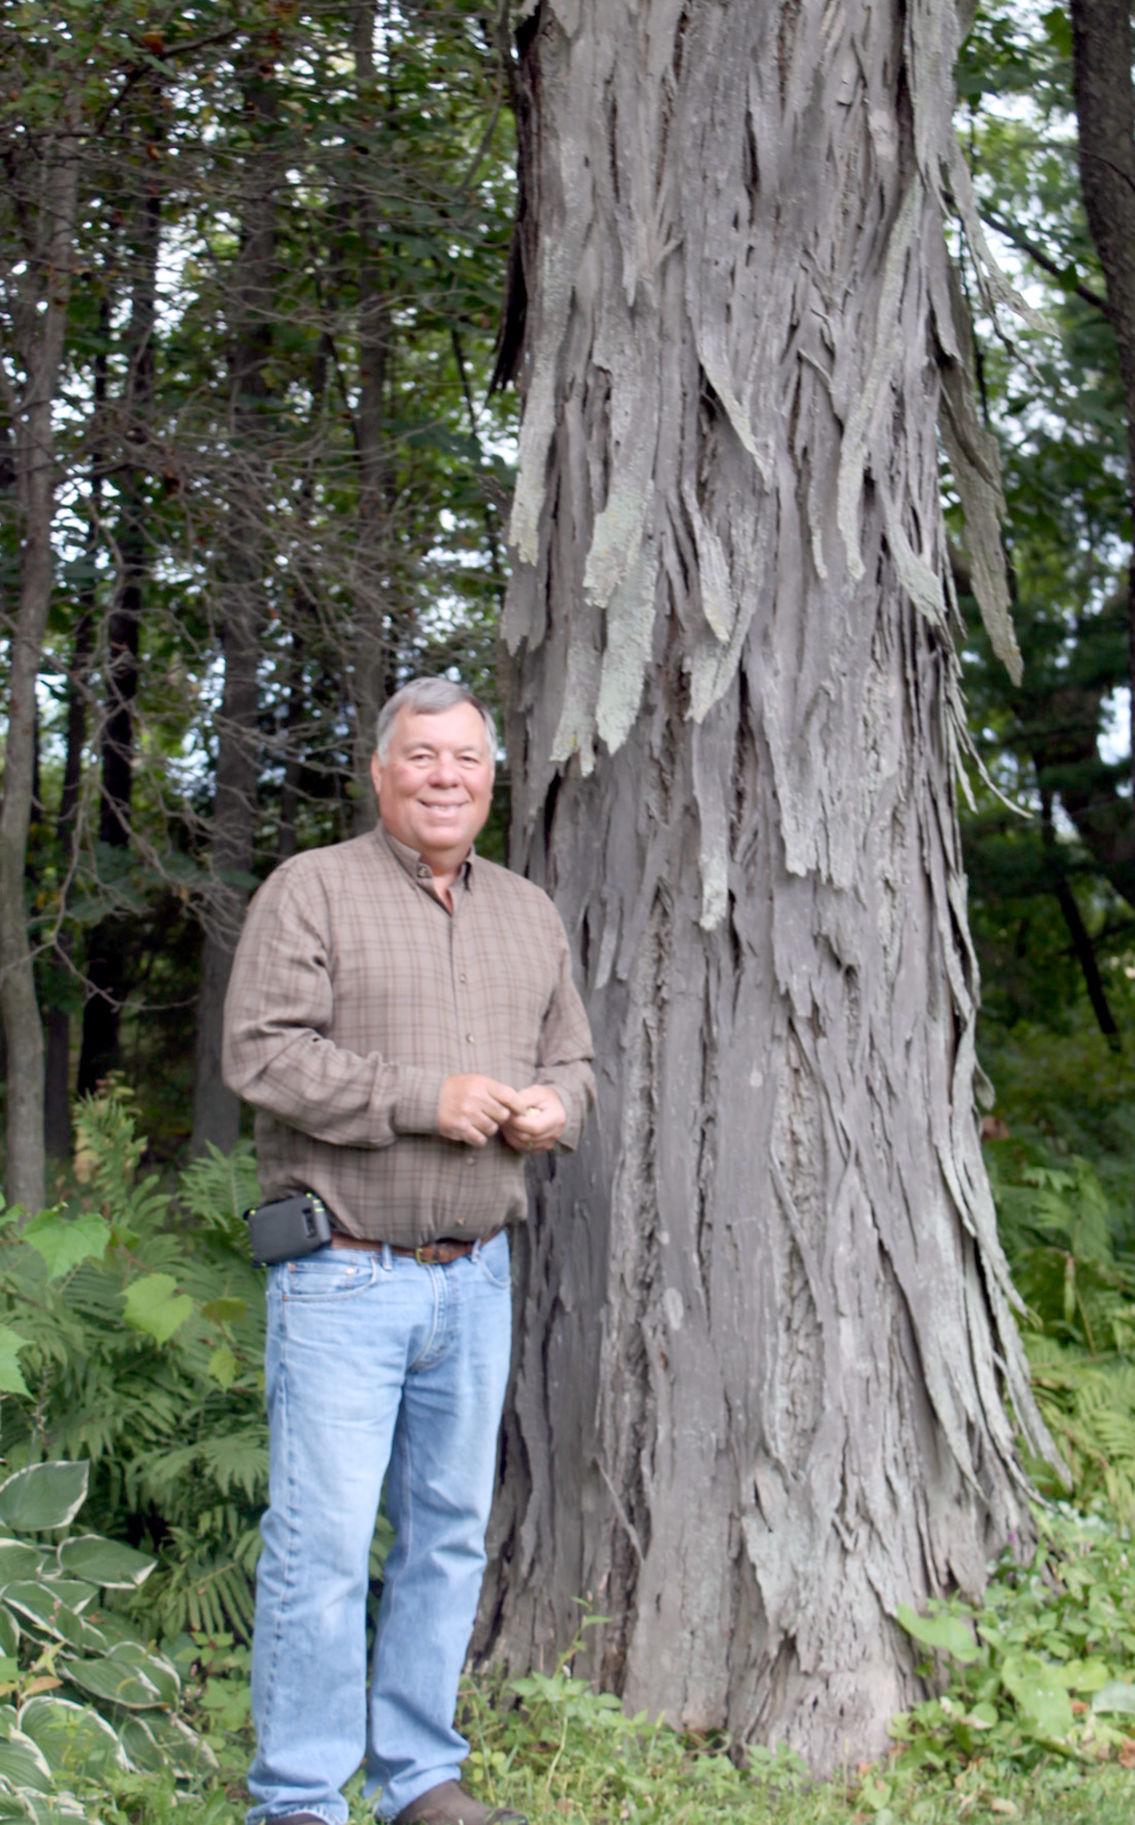 Humongous hickory